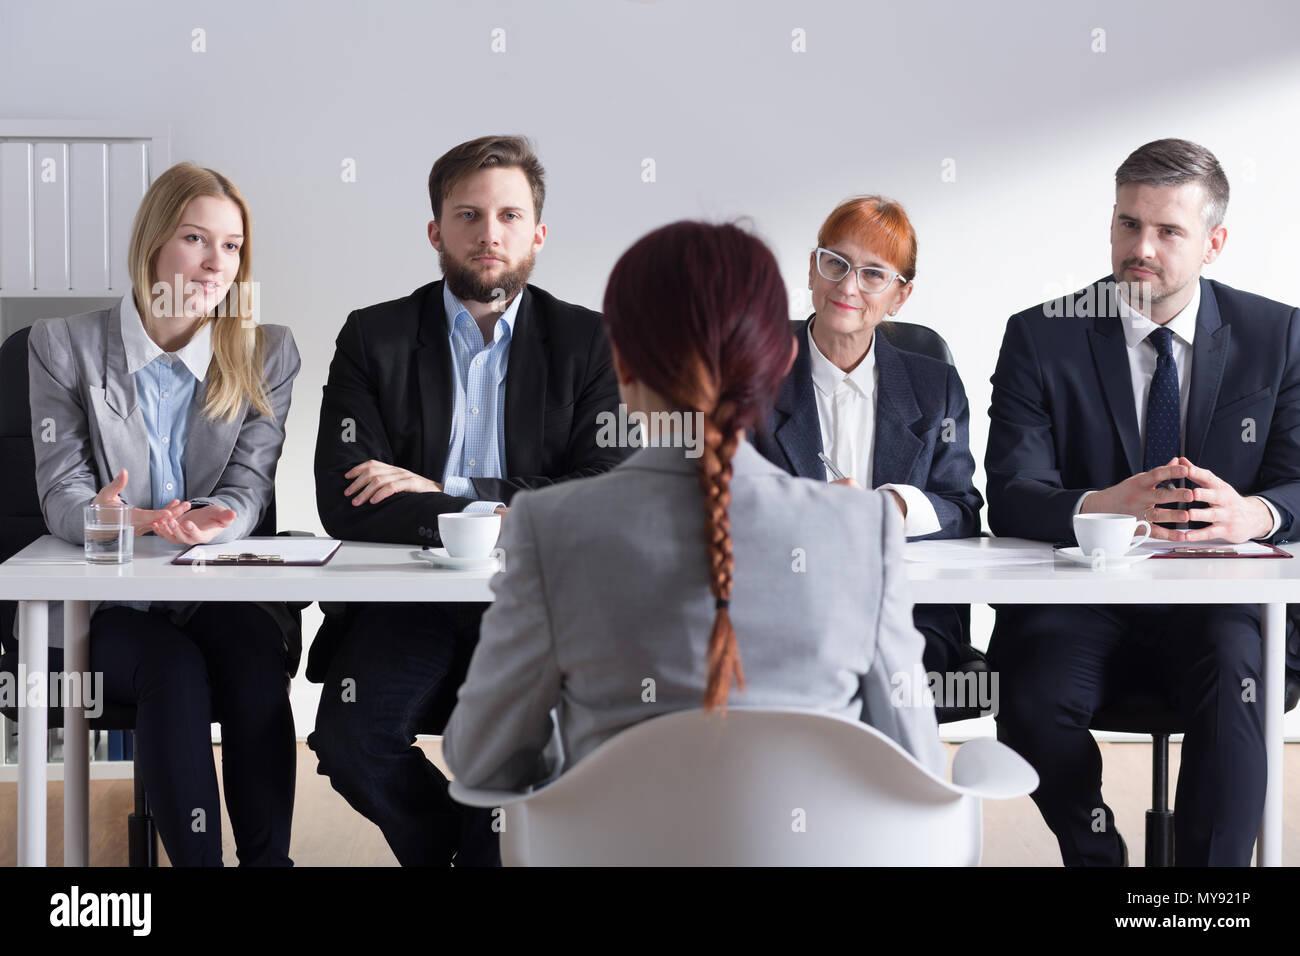 Frau während der Job Interview und Geschäftsleute sitzen durch Office Tabelle Stockbild